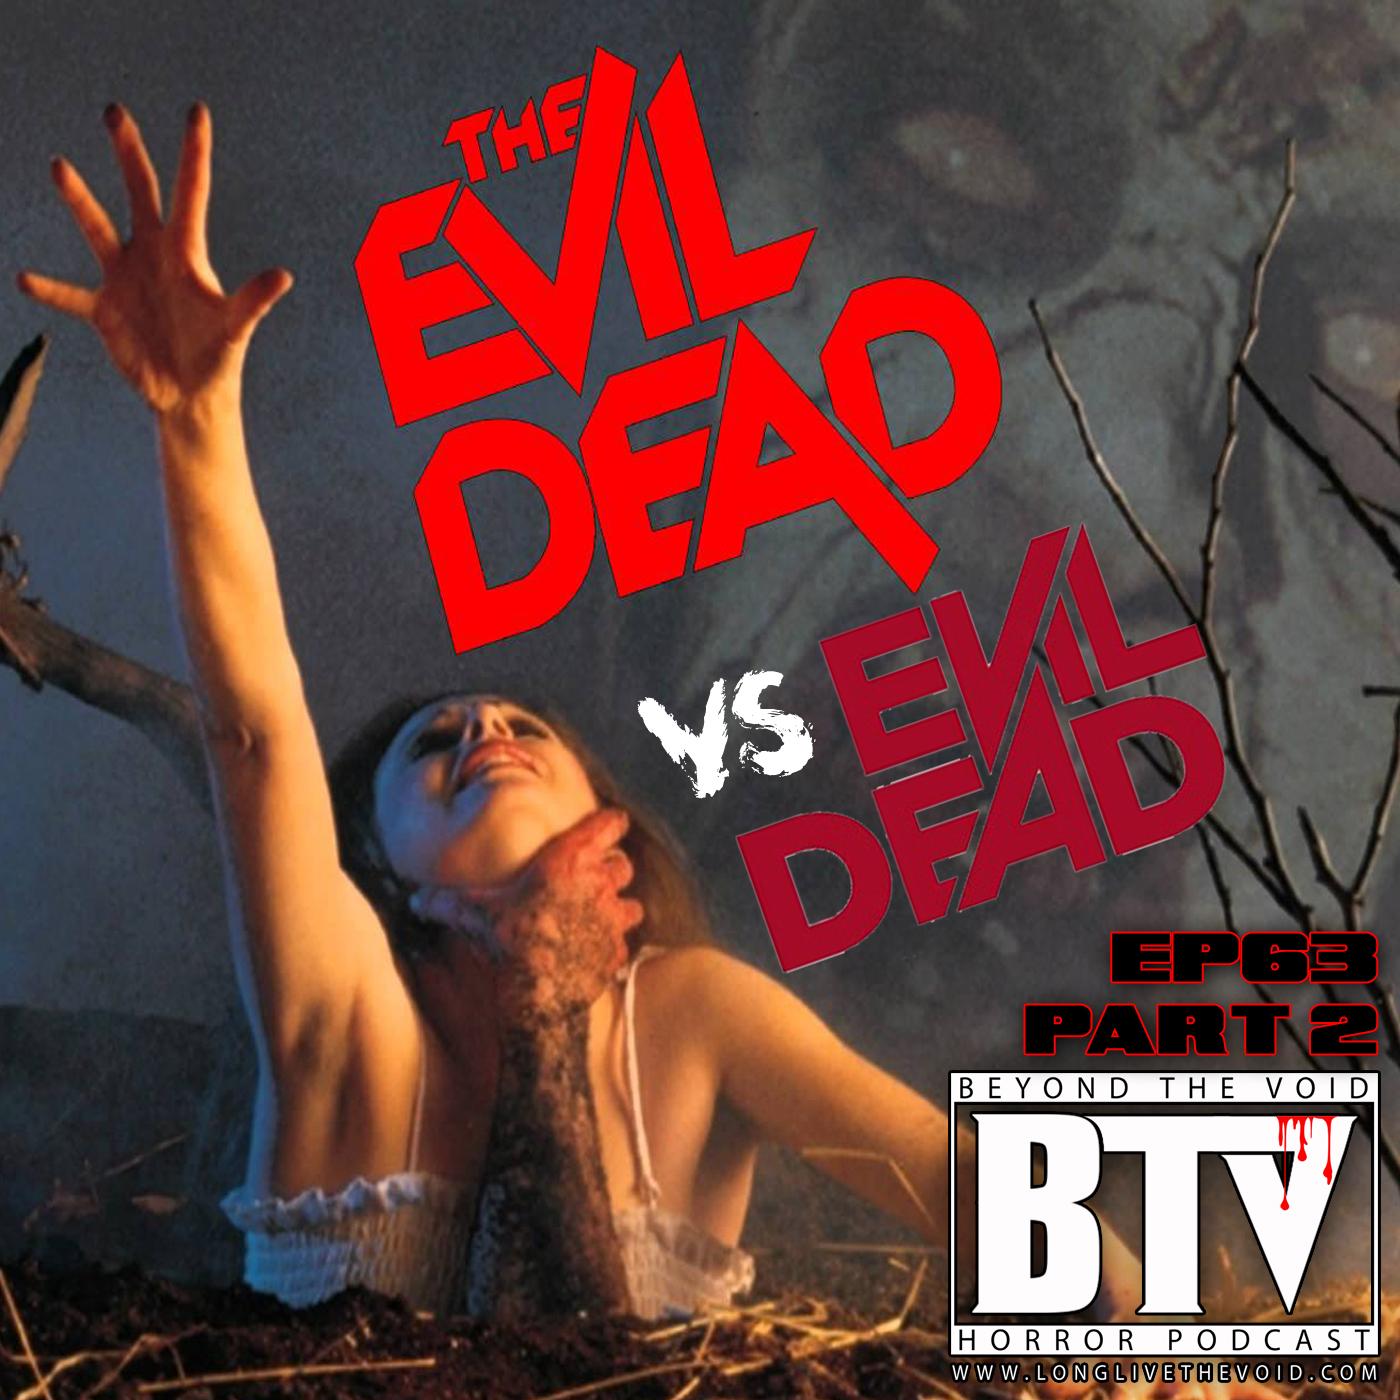 EVIL-DEAD-14x14cover.jpg